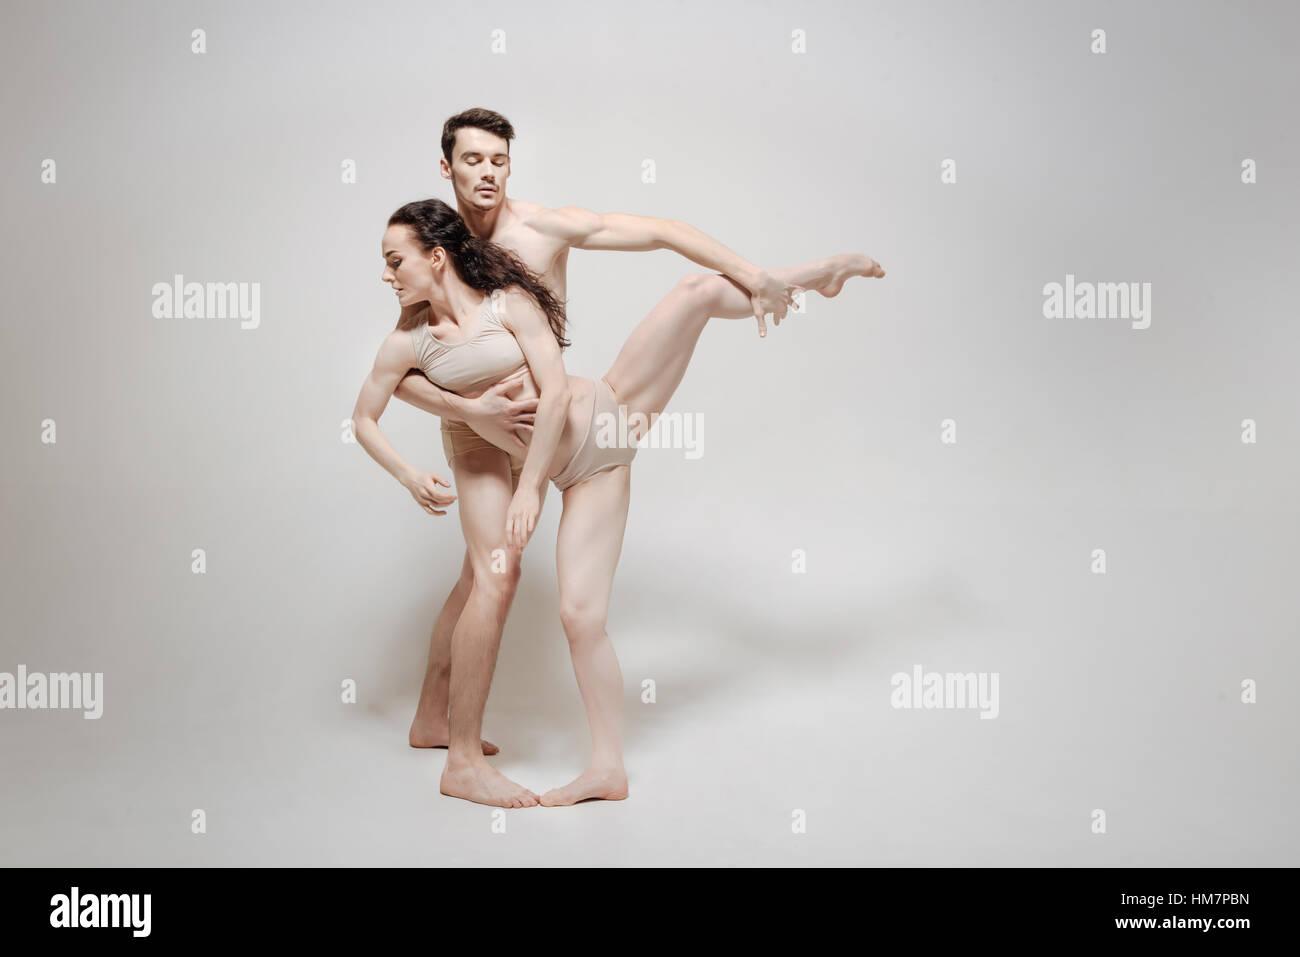 Coppia giovane stretching isolato in uno sfondo bianco Immagini Stock